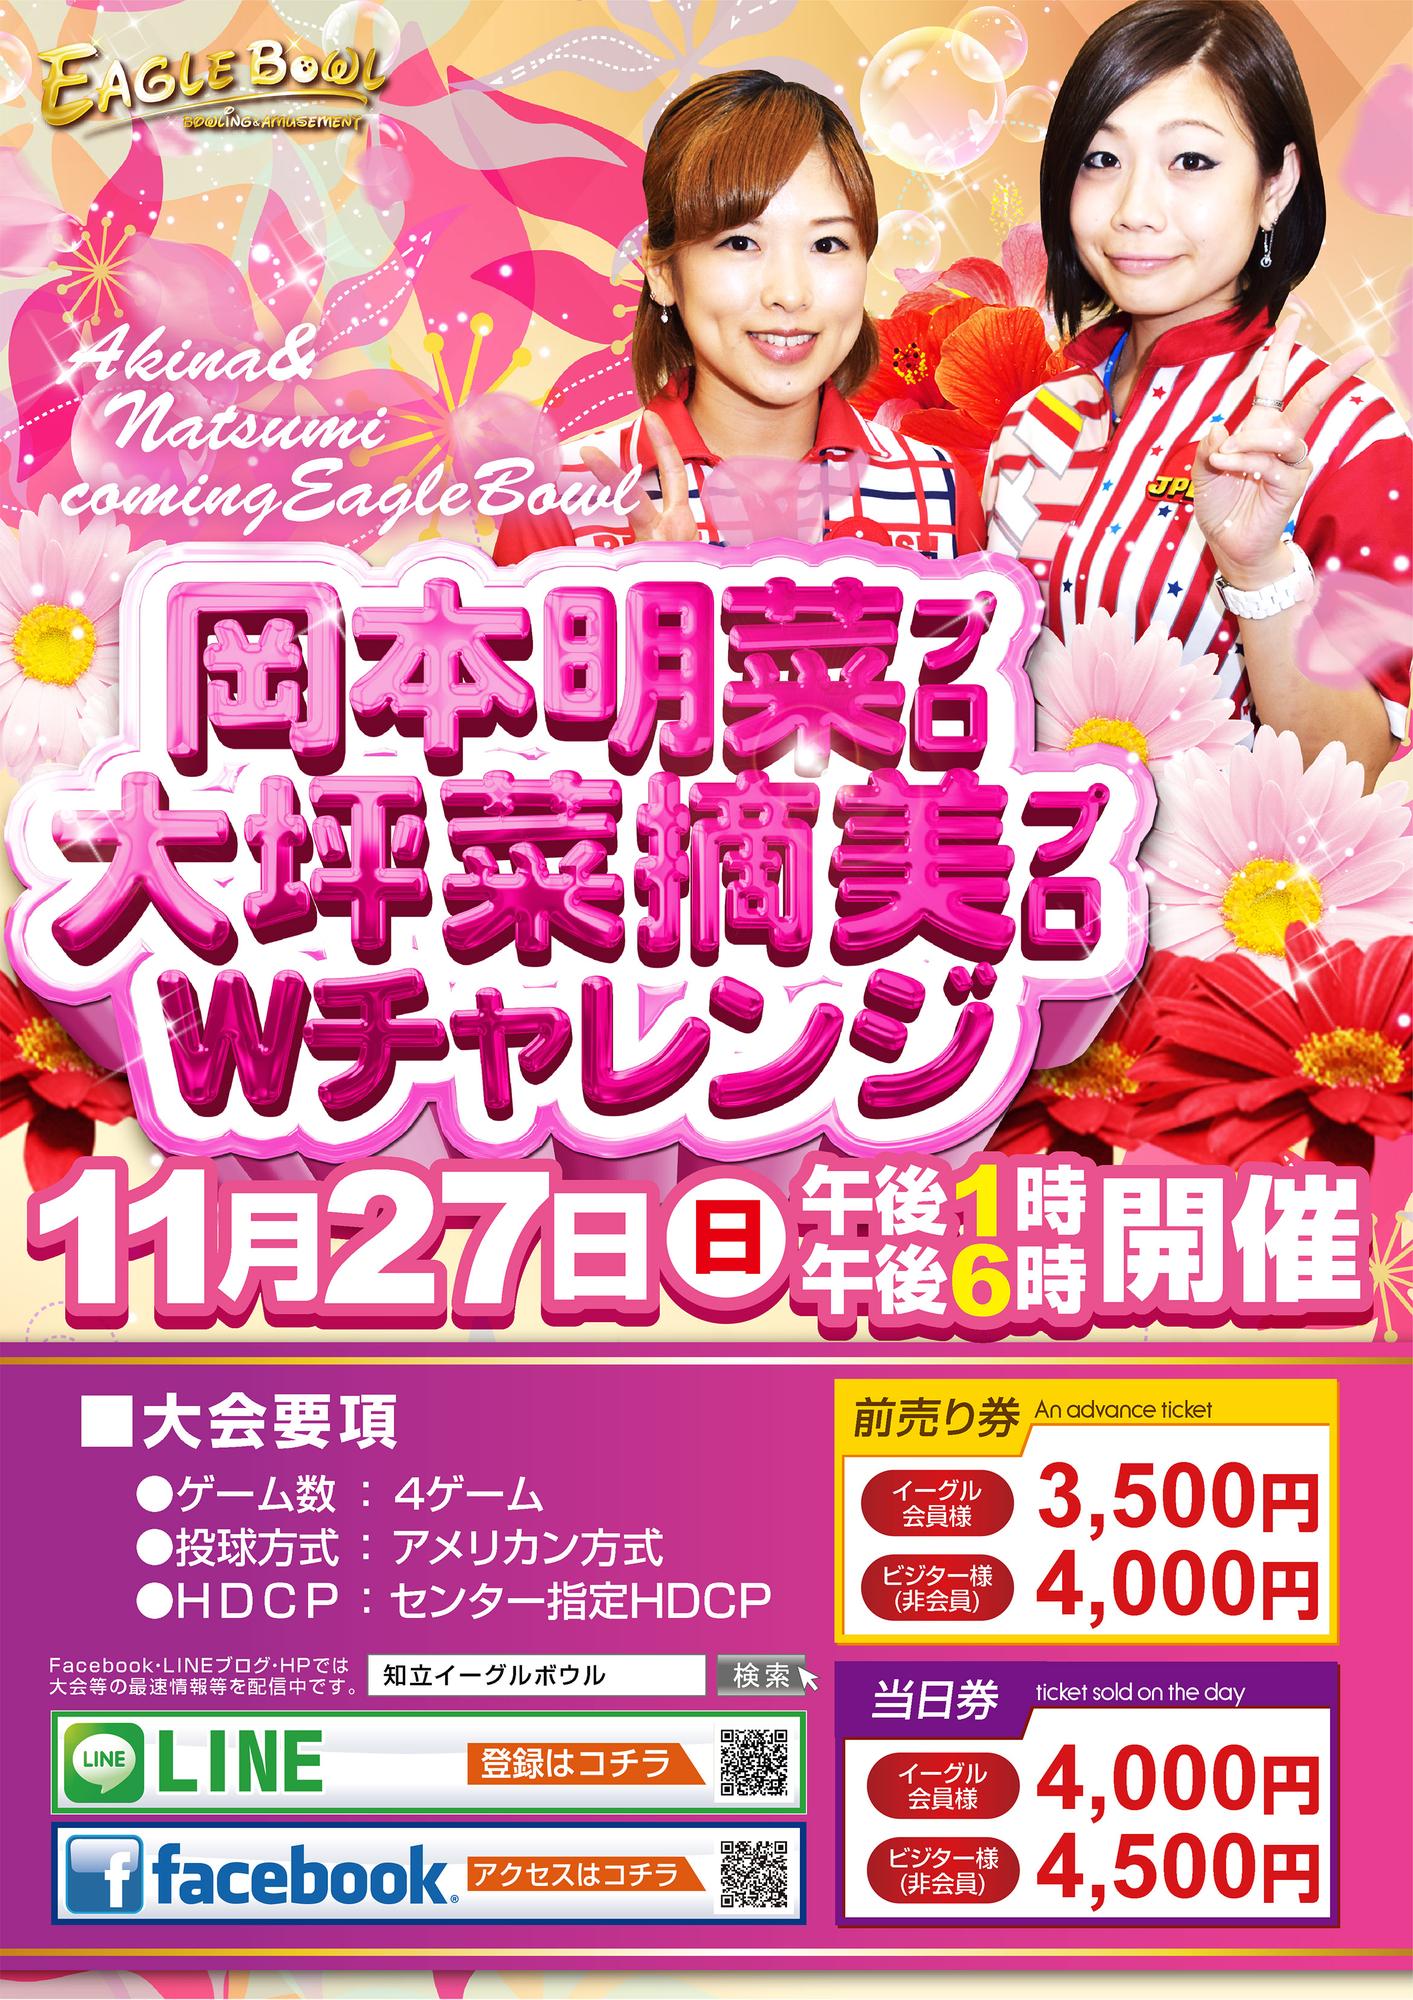 11/27 岡本明菜プロ&大坪菜摘美プロチャレンジ